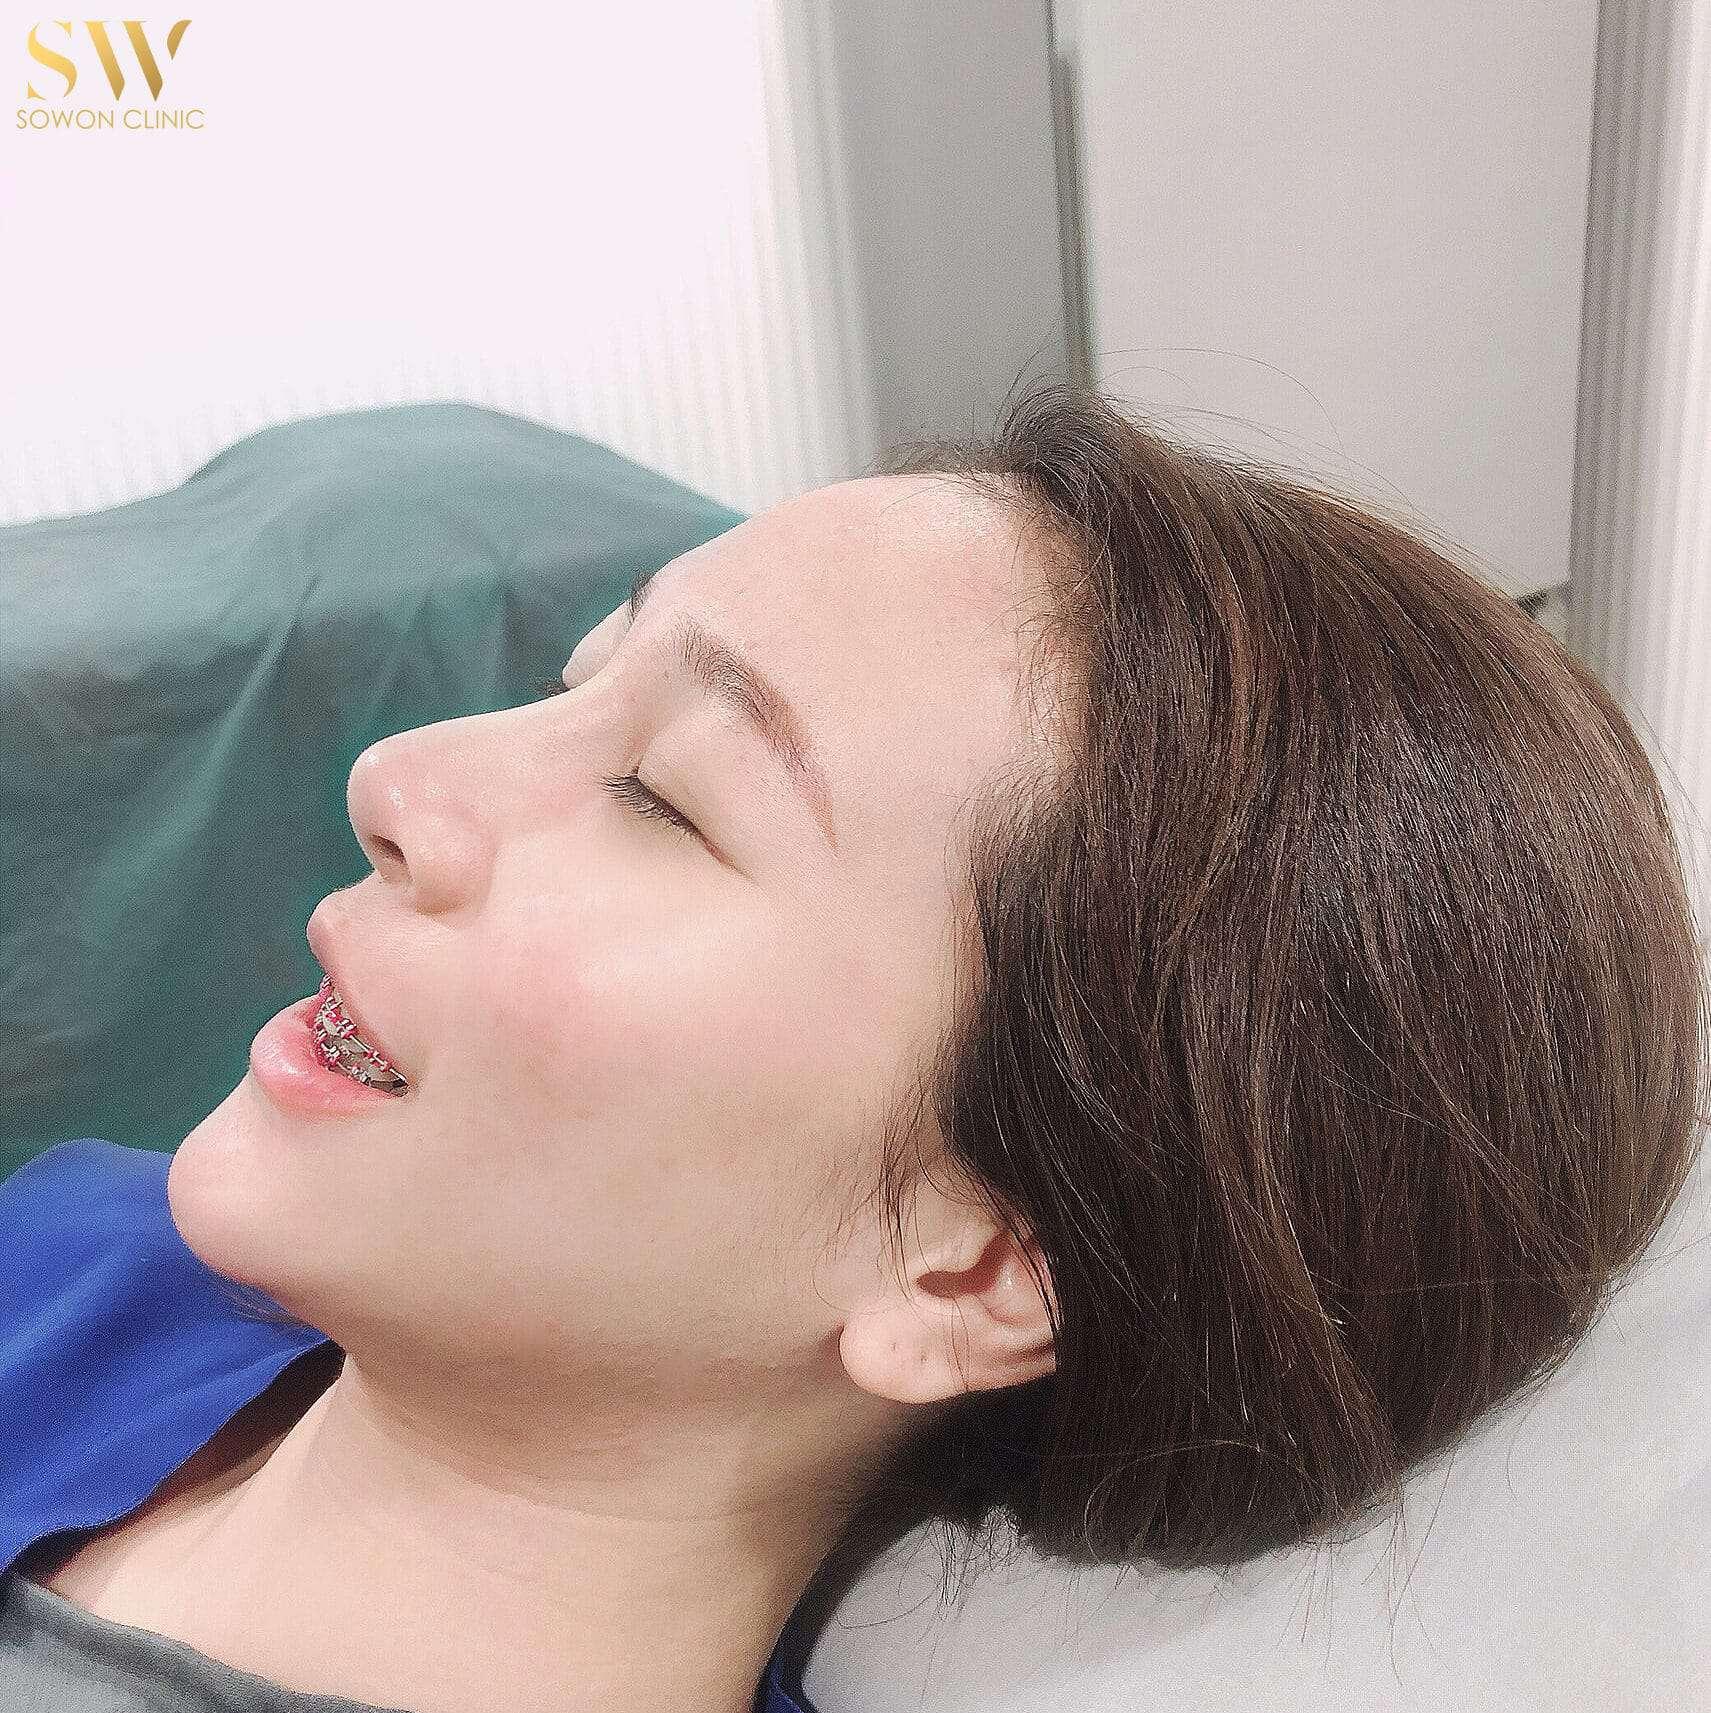 ทำจมูก ทรงไหนดี Sowon Clinic